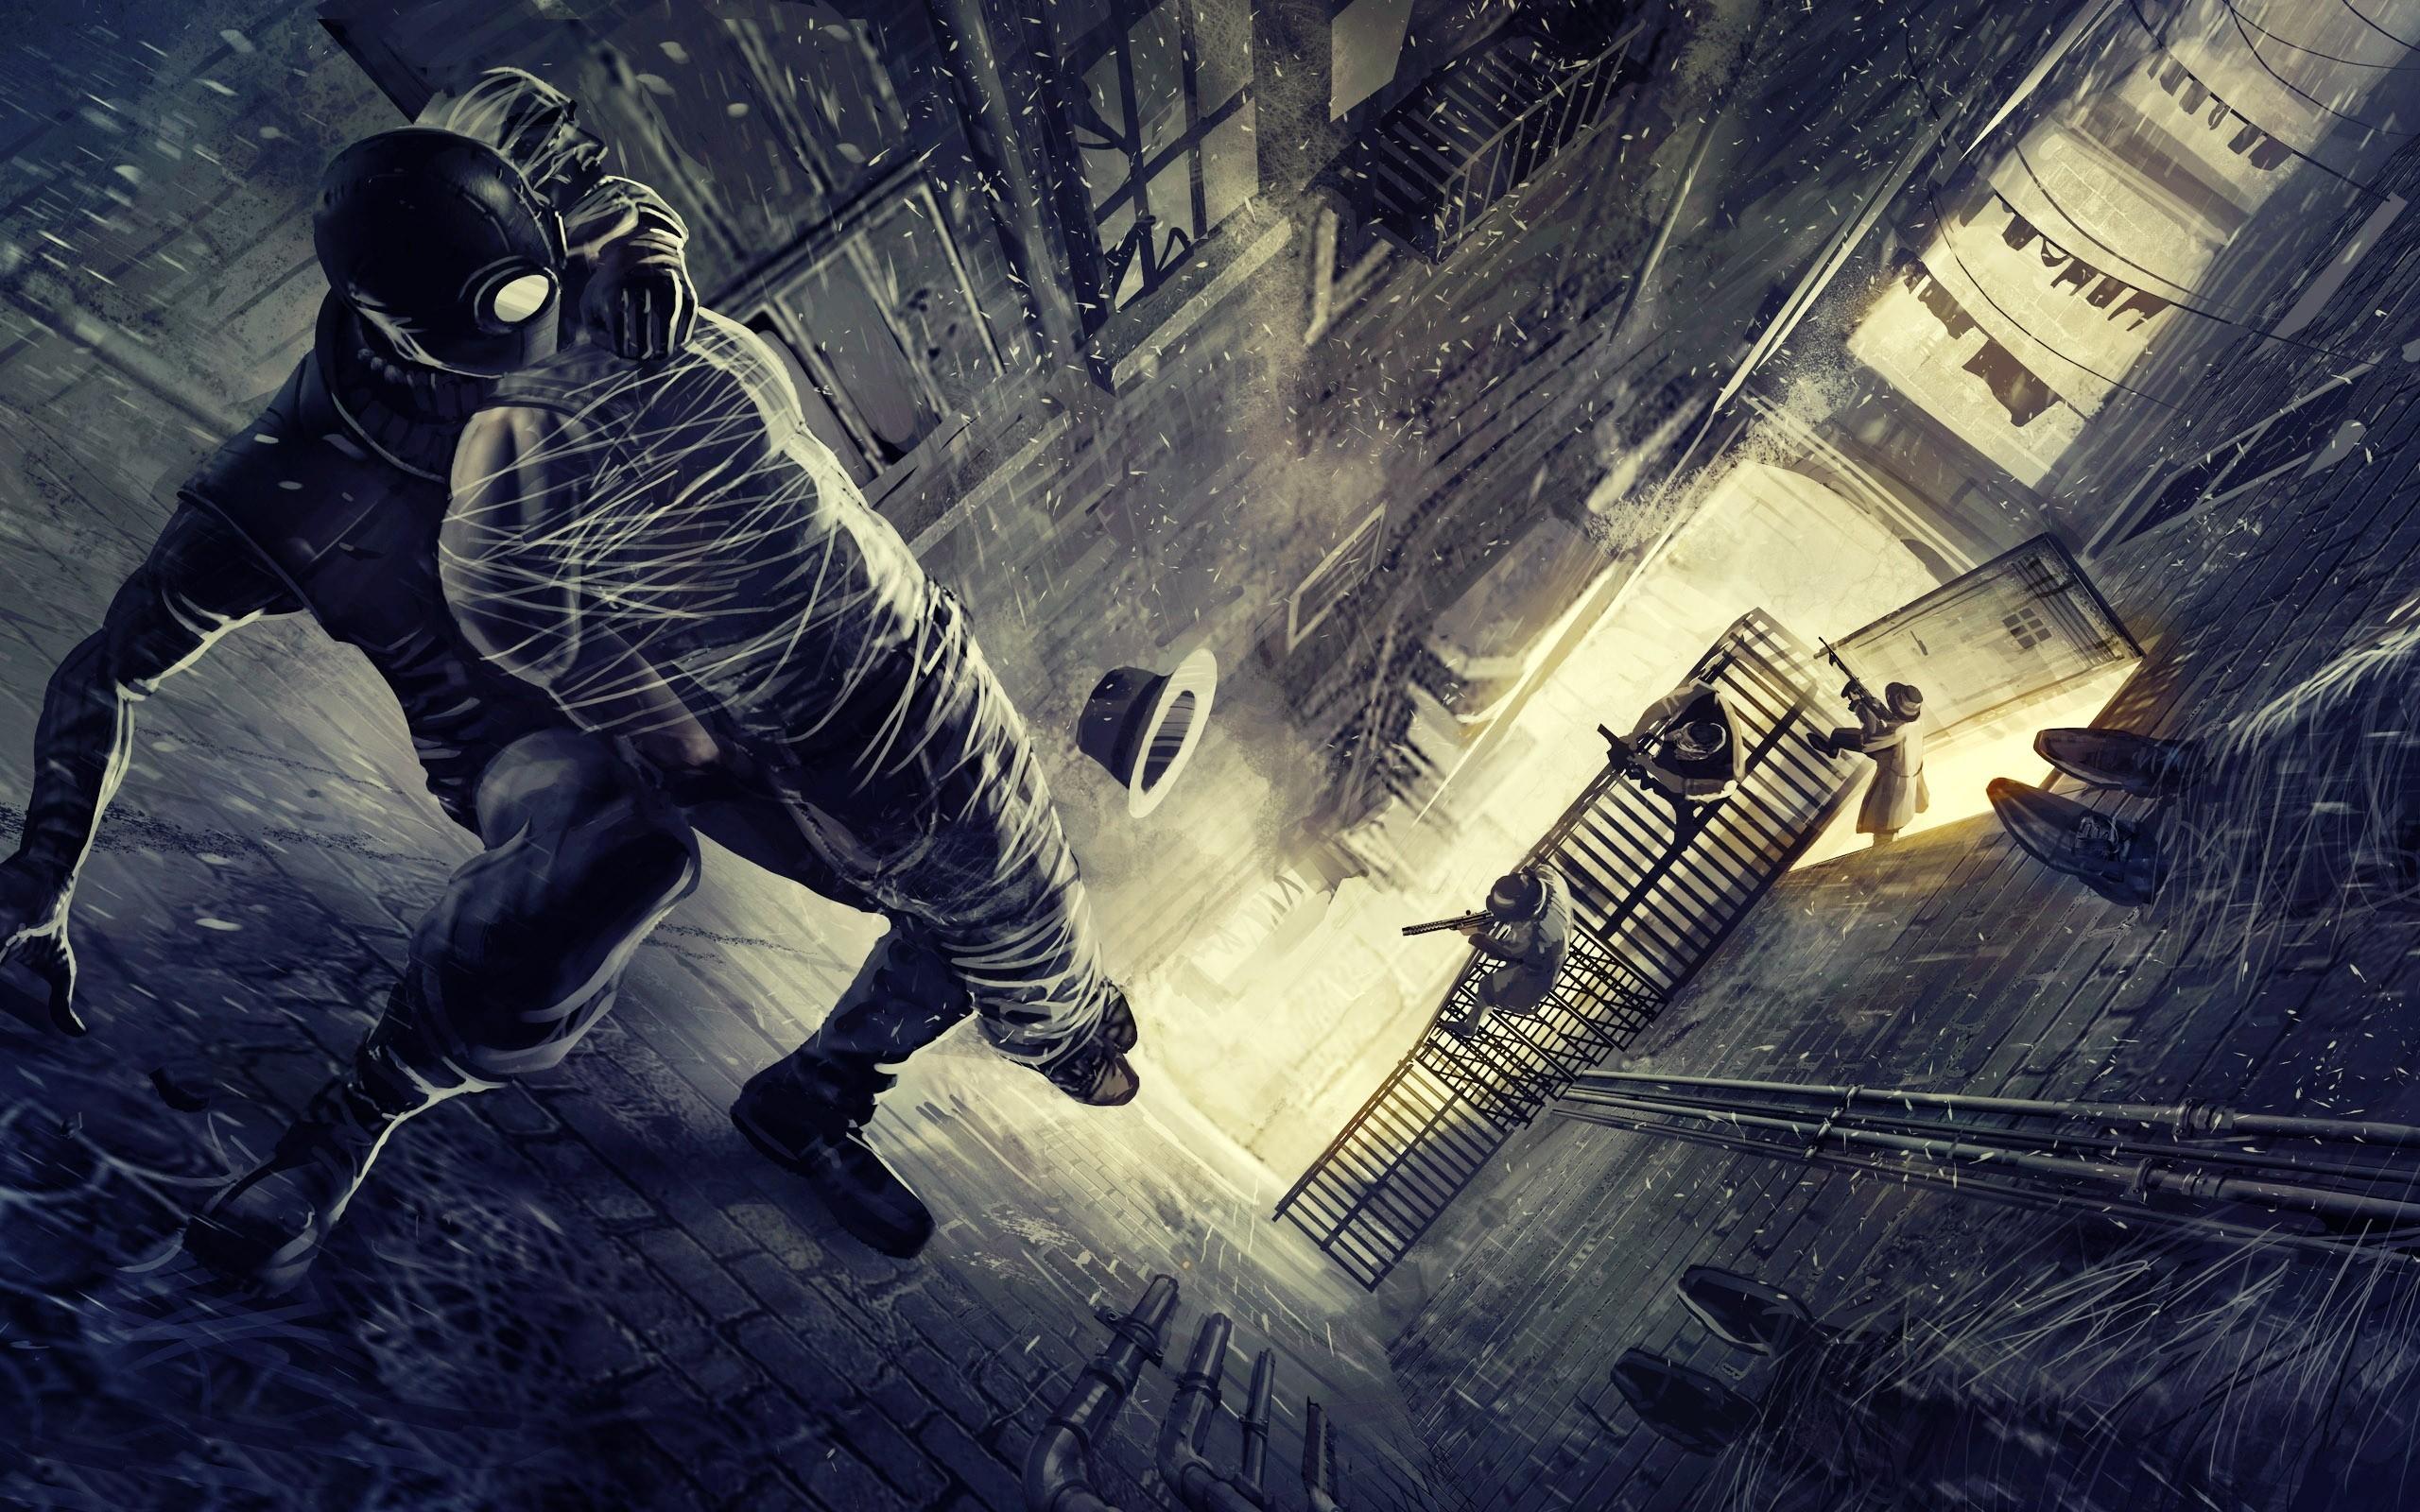 Wallpaper Fantasy Art Spider Man Comics Spider Man Noir